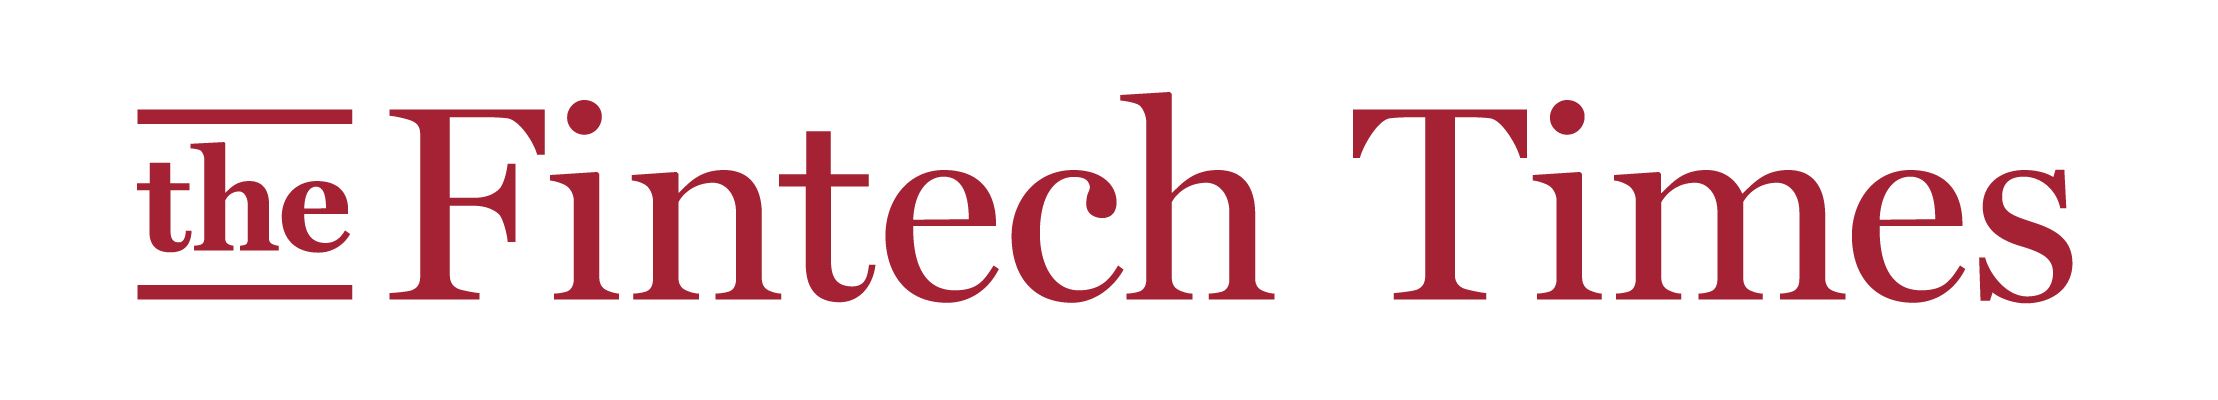 TheFintechTimes_logo-01